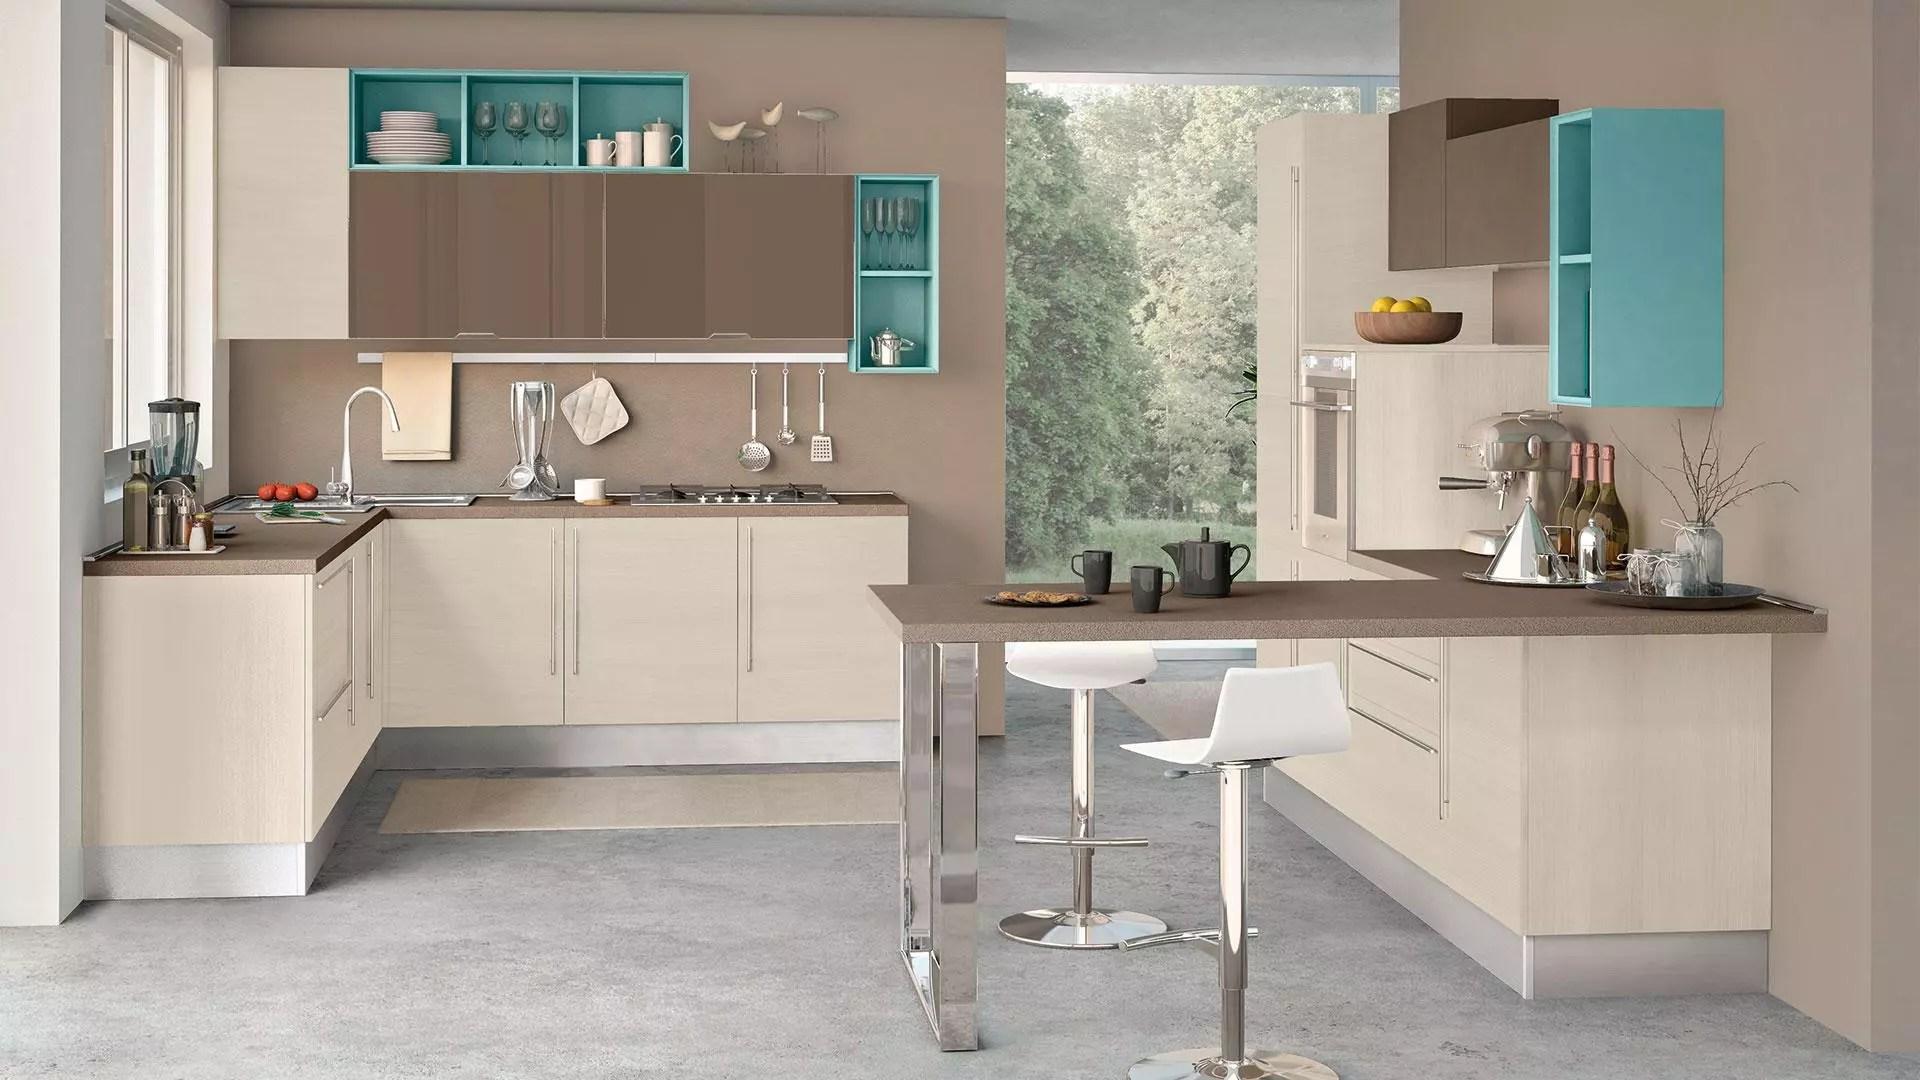 Con delle pareti bianche è anche più facile scegliere i quadri giusti. Come Scegliere Il Colore Delle Pareti Per La Cucina I Consigli Per Ogni Modello Cucine Lube Milano